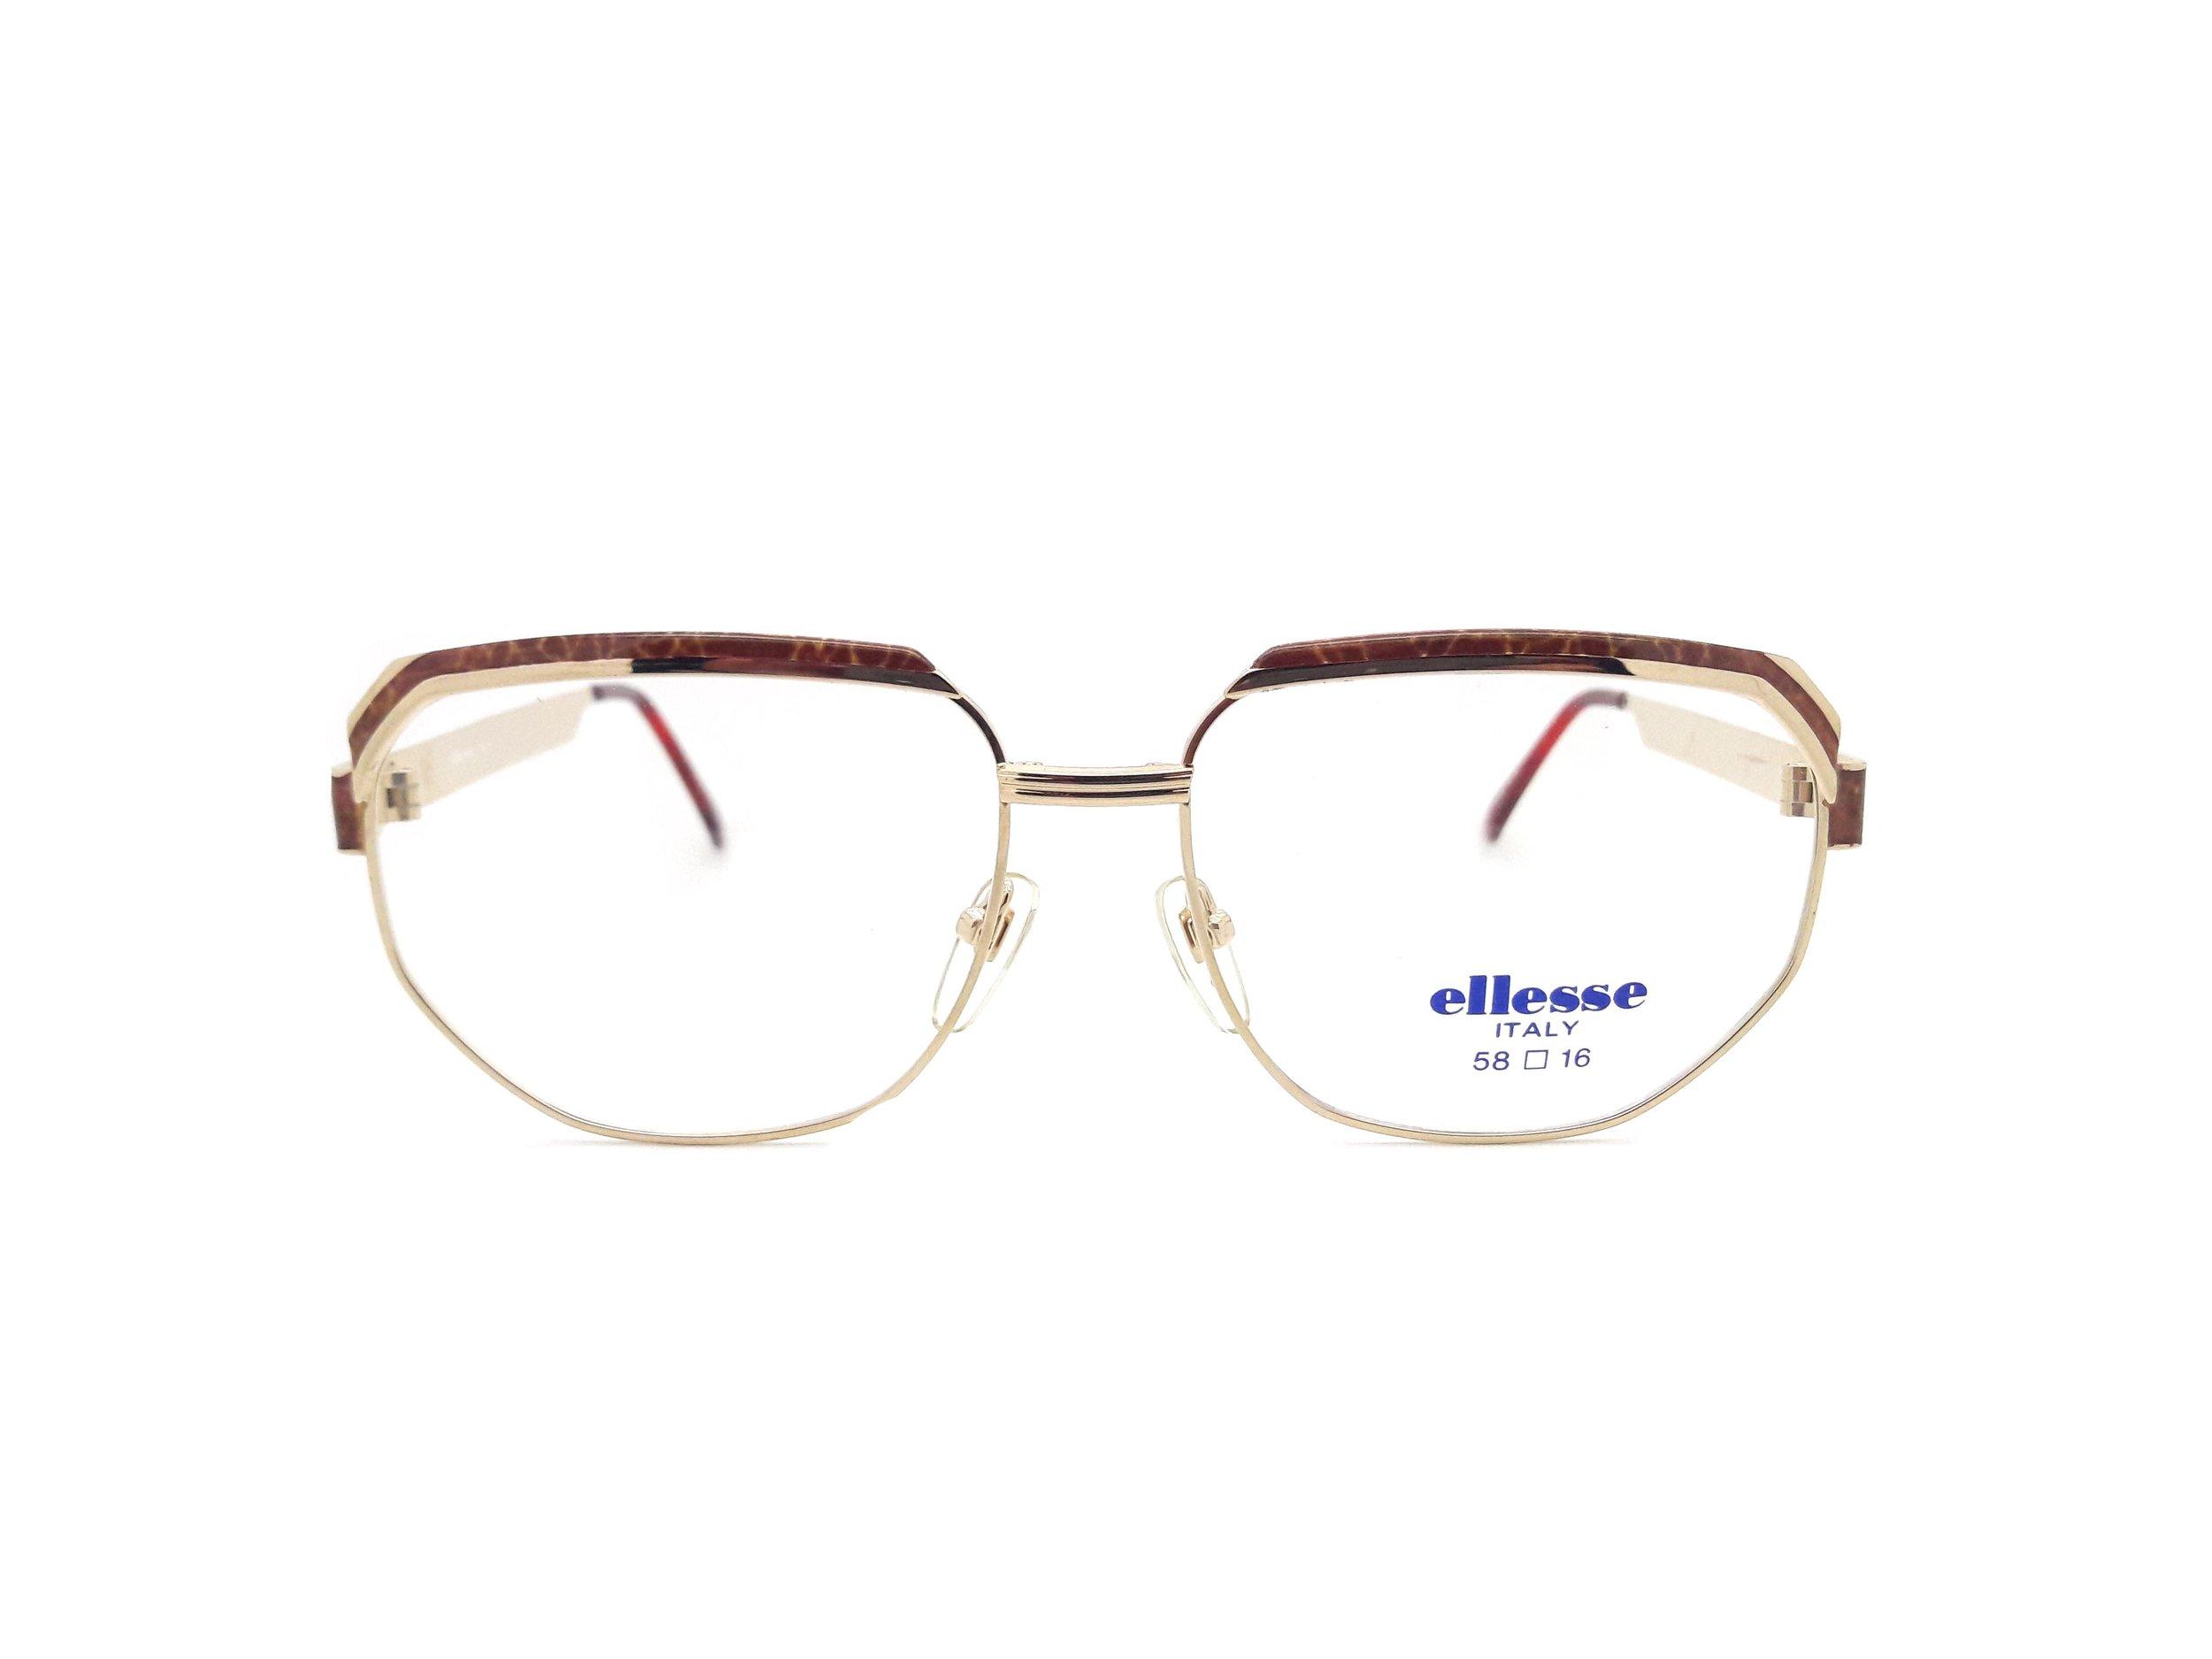 Ellesse E-615 Vintage Glasses — Ed & Sarna Vintage Eyewear